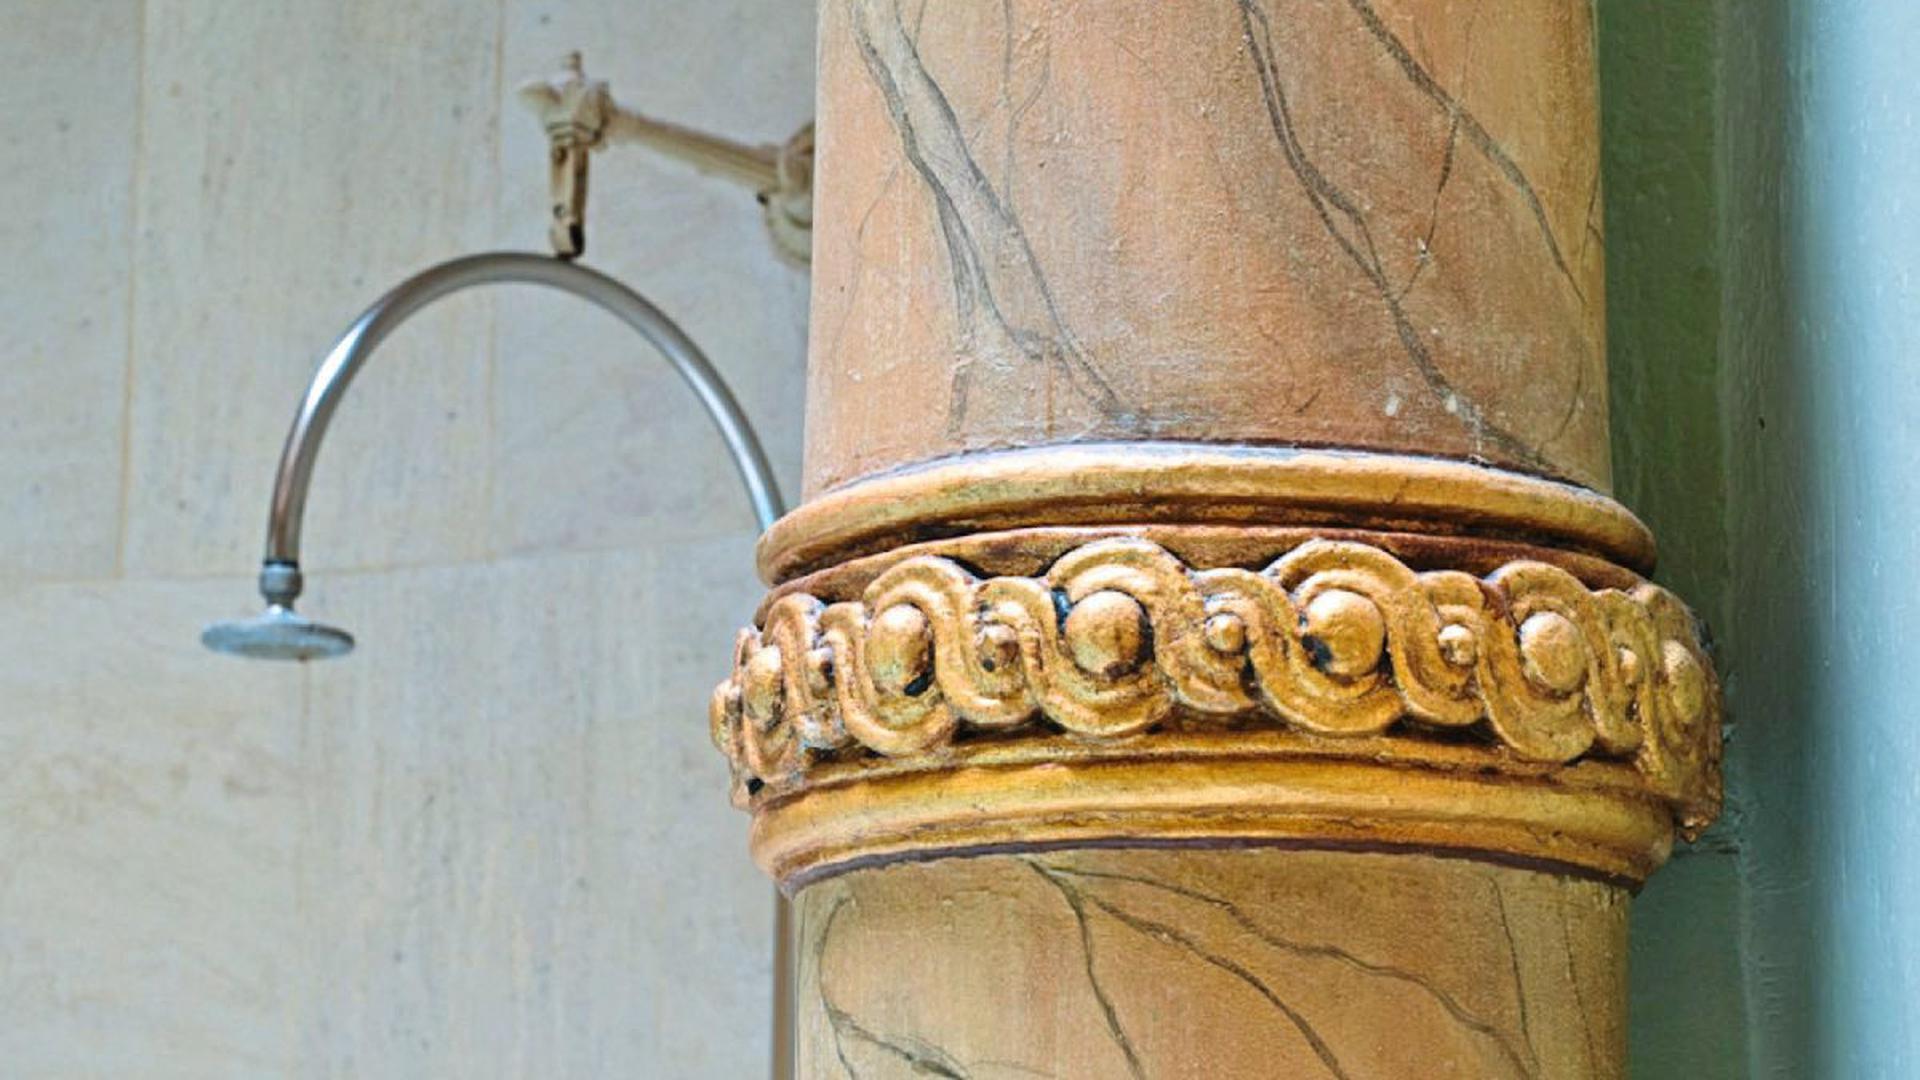 Korinthische Säulen wie diese schmücken das gesuchte Bäderjuwel.